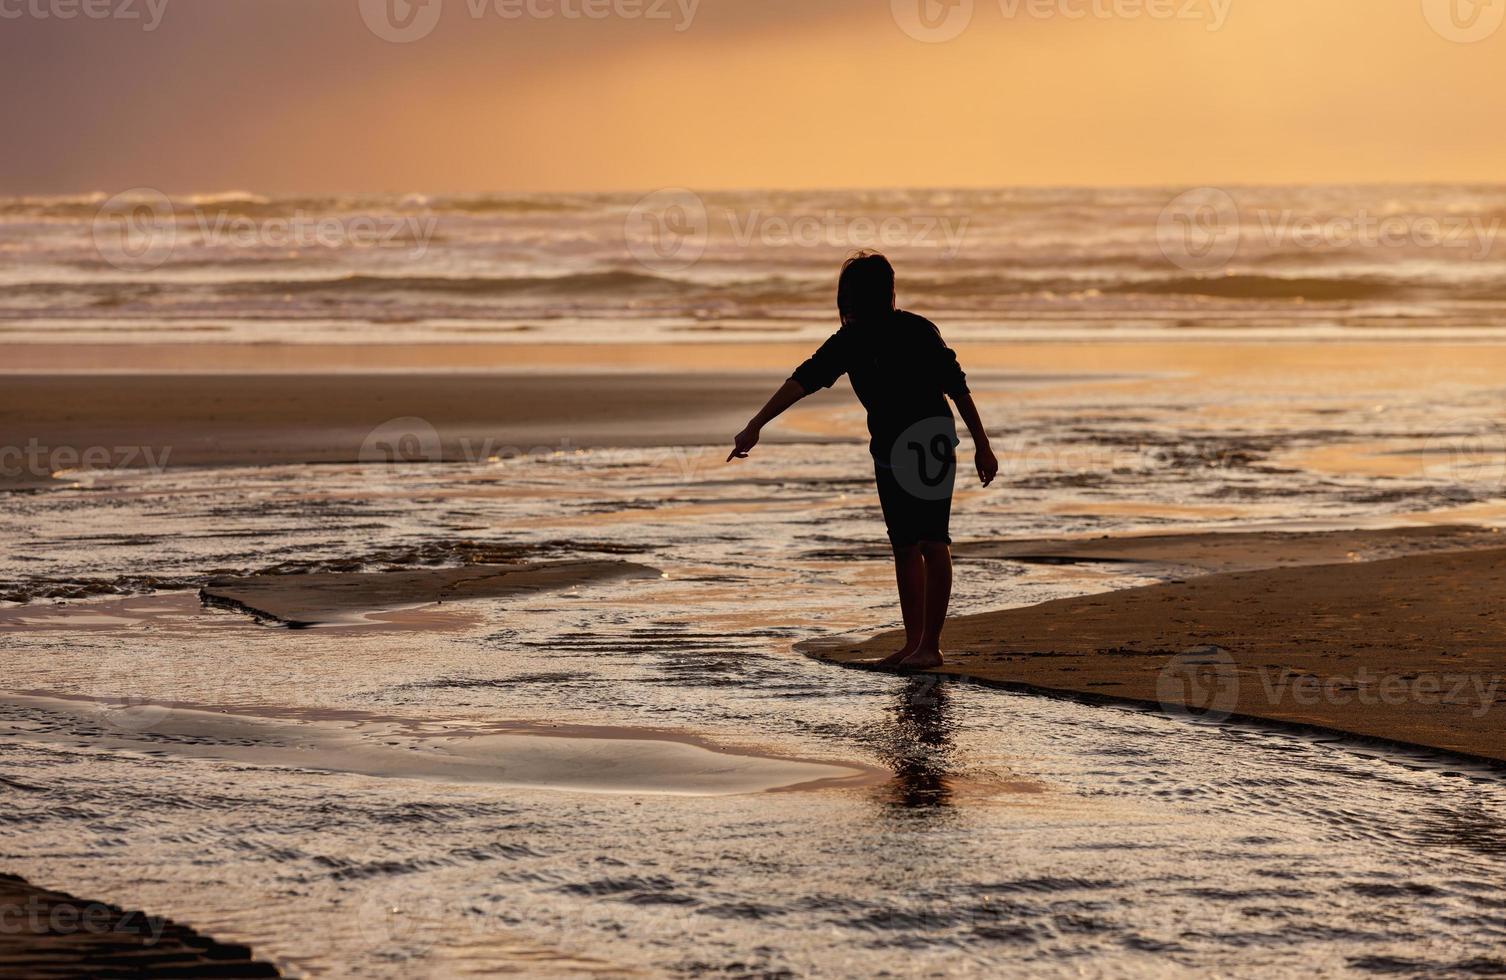 apuntando al agua durante la puesta de sol. foto